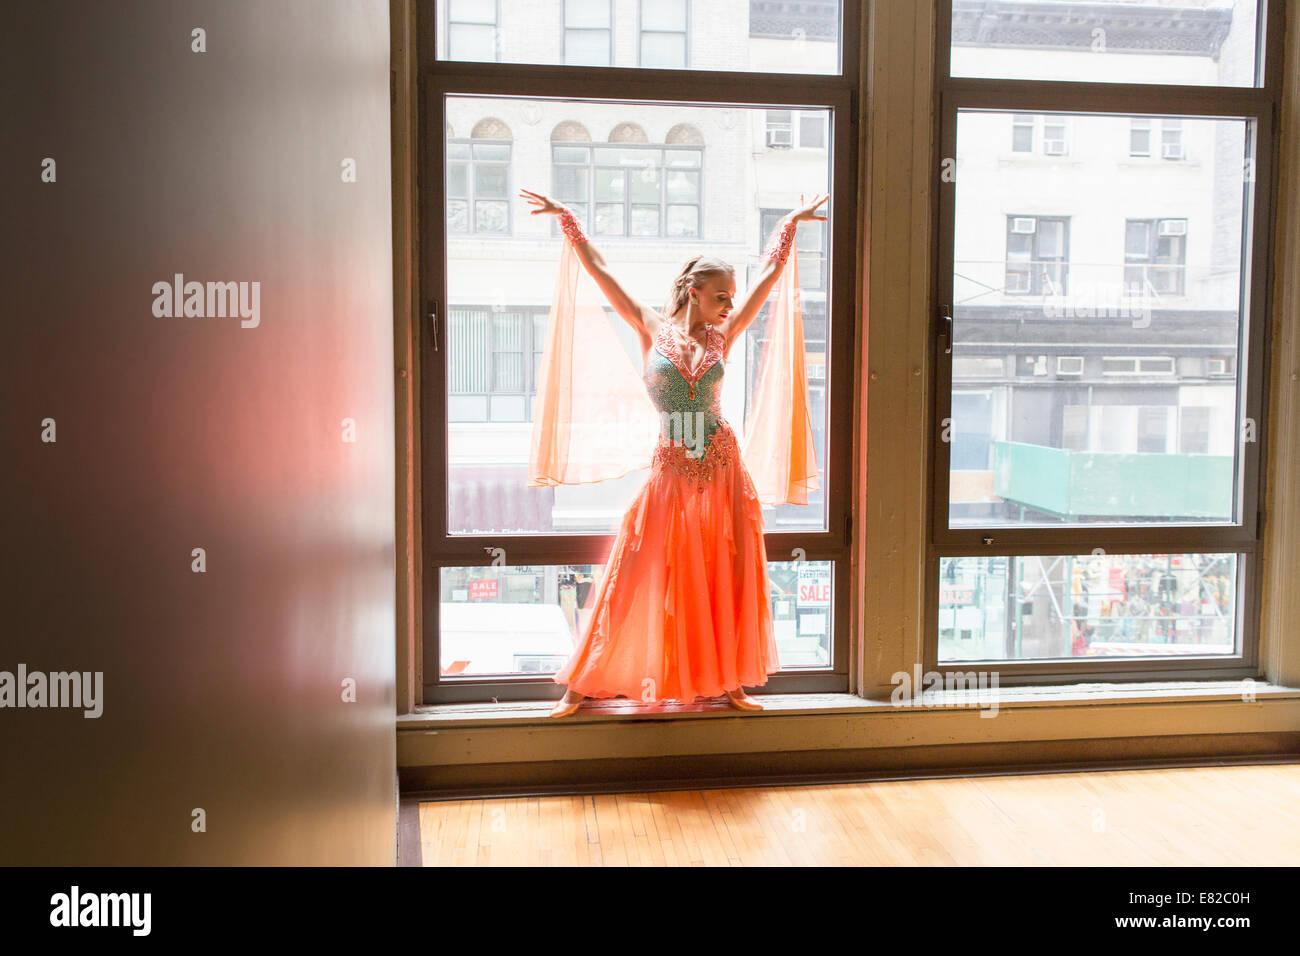 Bailarina de danza studio. Una mujer posando en una ventana. Foto de stock